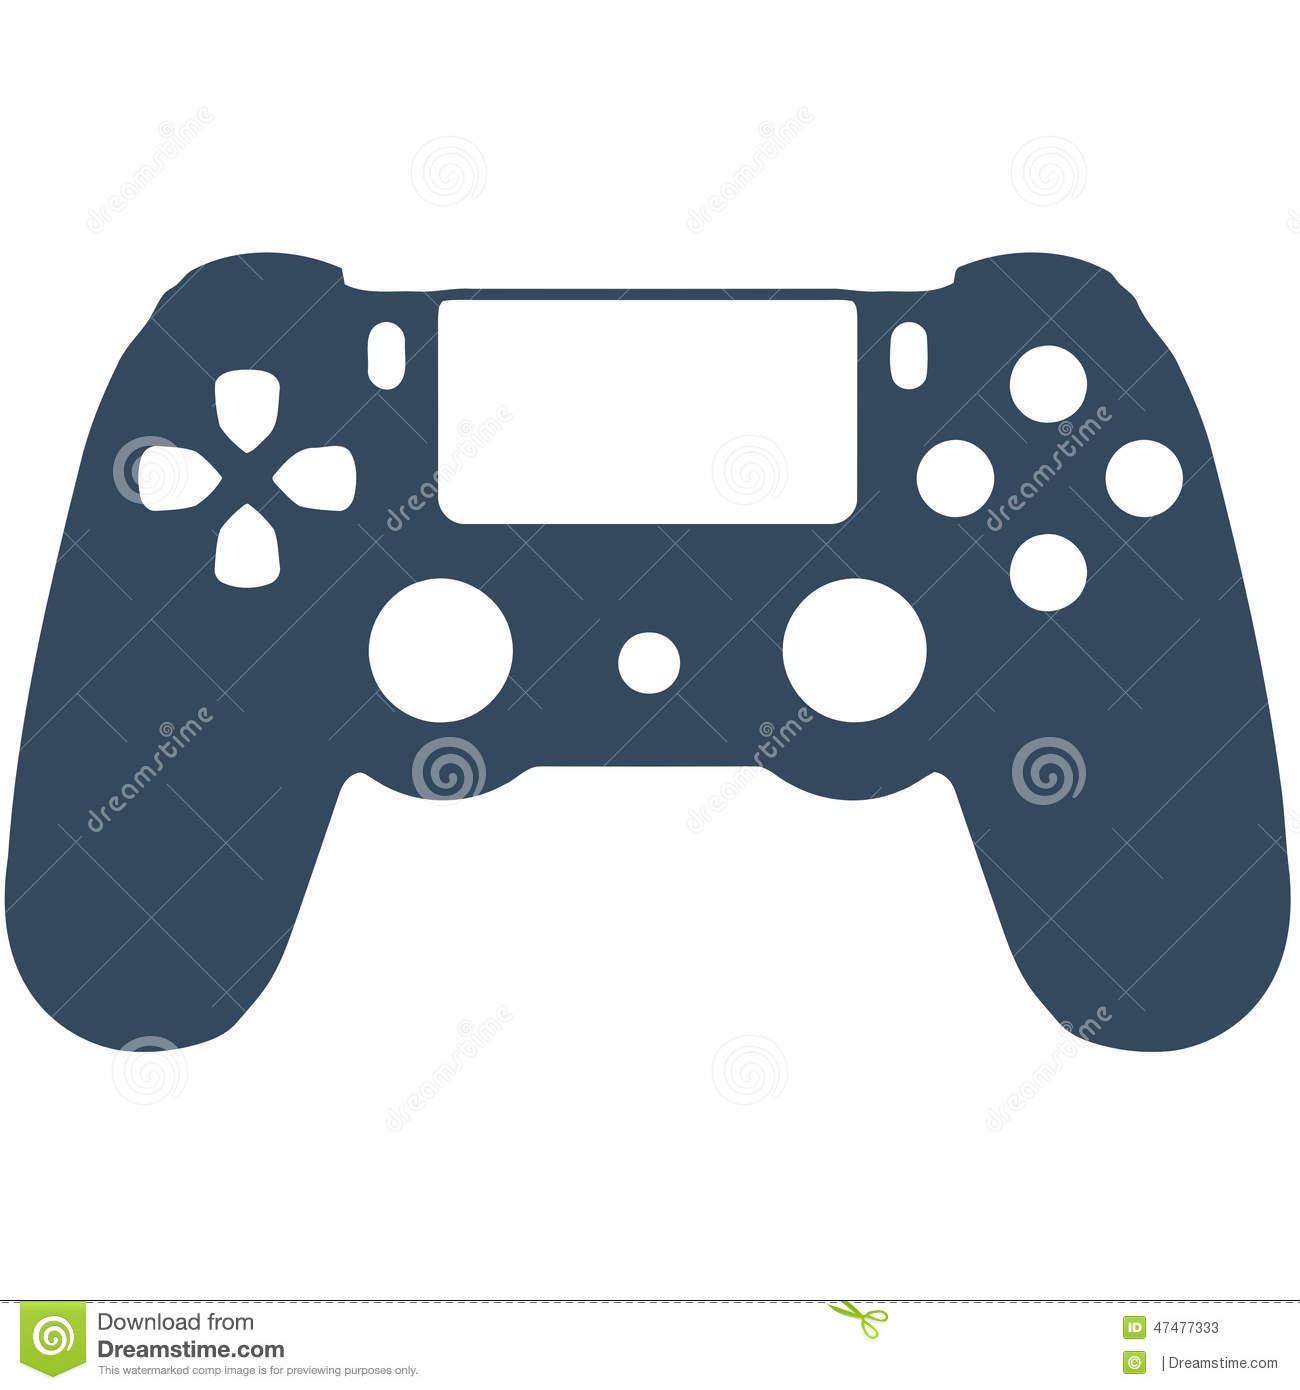 Controller clipart playstation 4 controller, Controller.